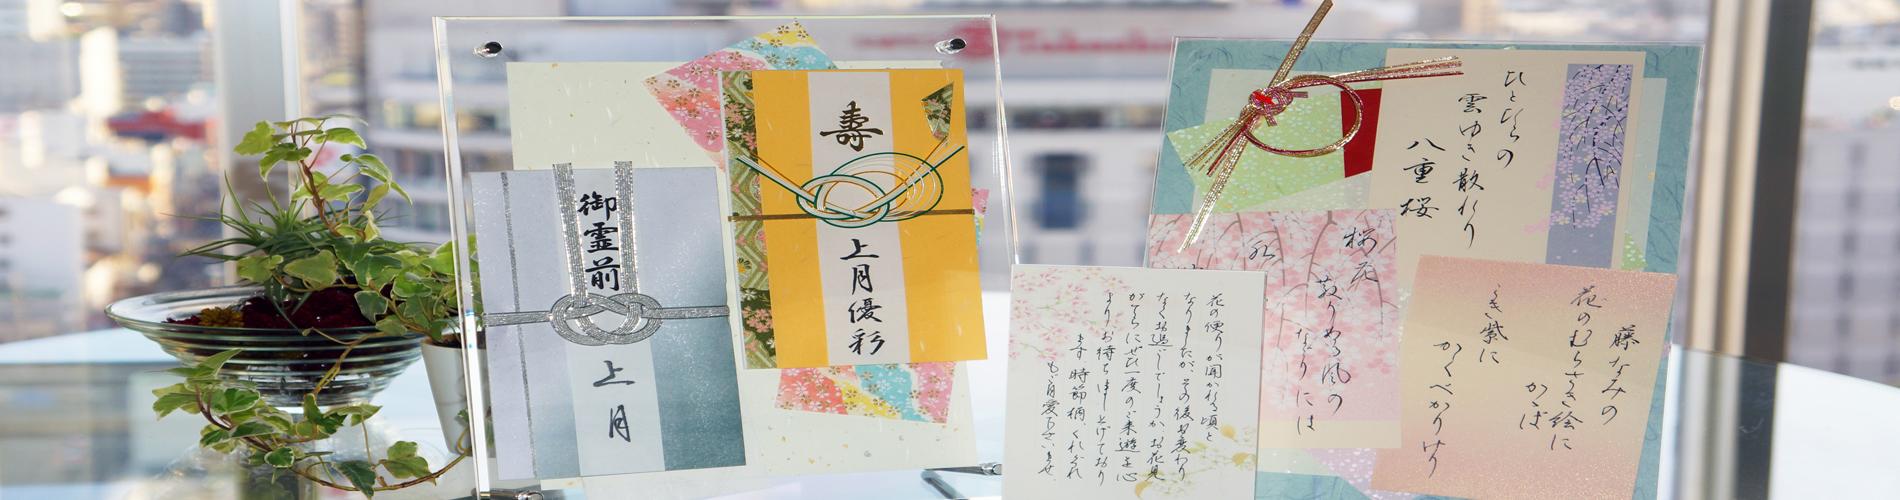 ペン習字 松山市 美文字 作品4